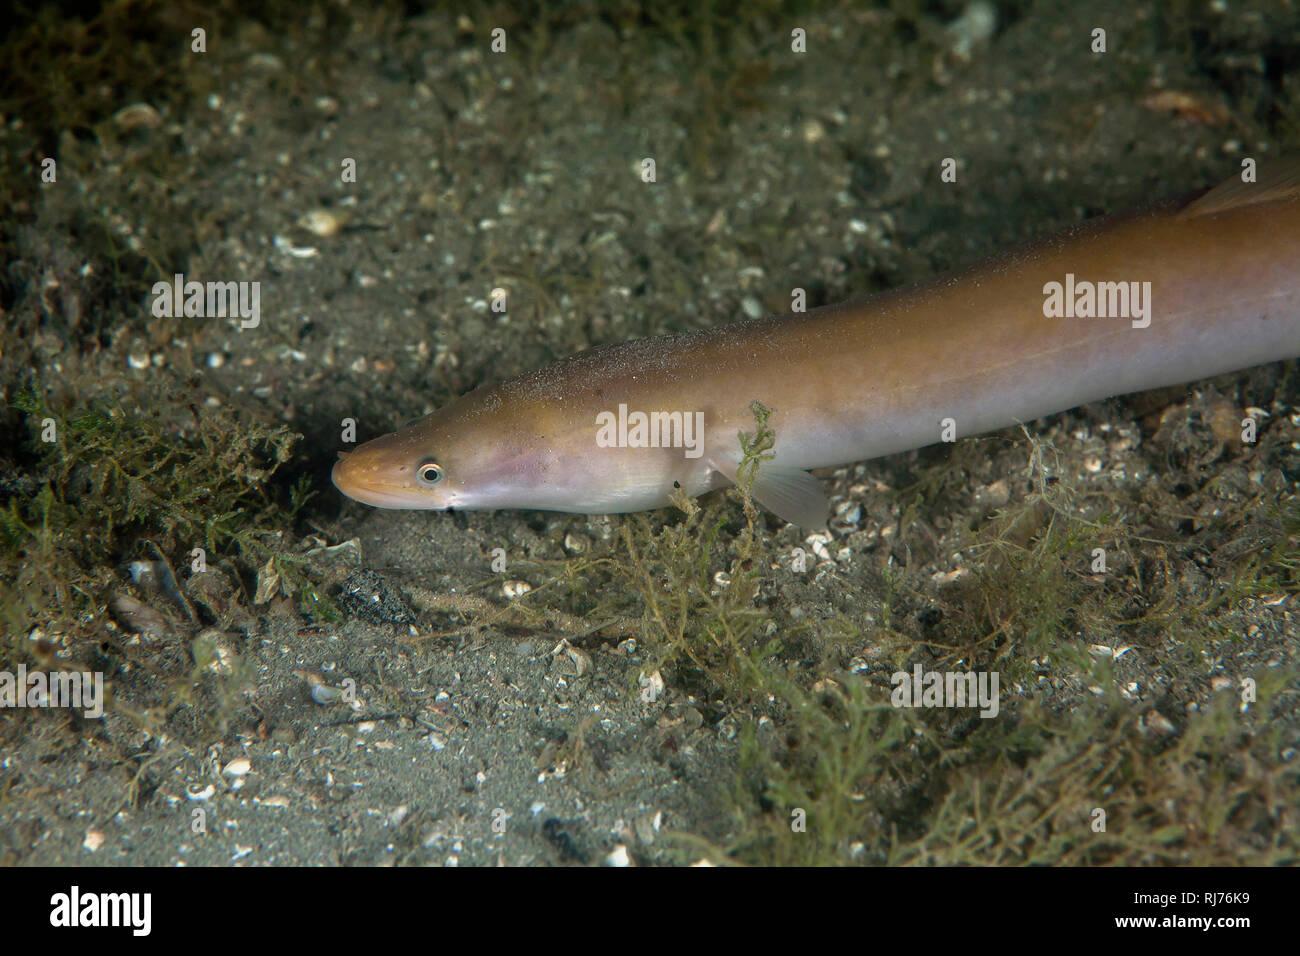 Europäischer Aal, ( Anguilla anguilla ), Chiemsee, Bayern, Deutschland - Stock Image